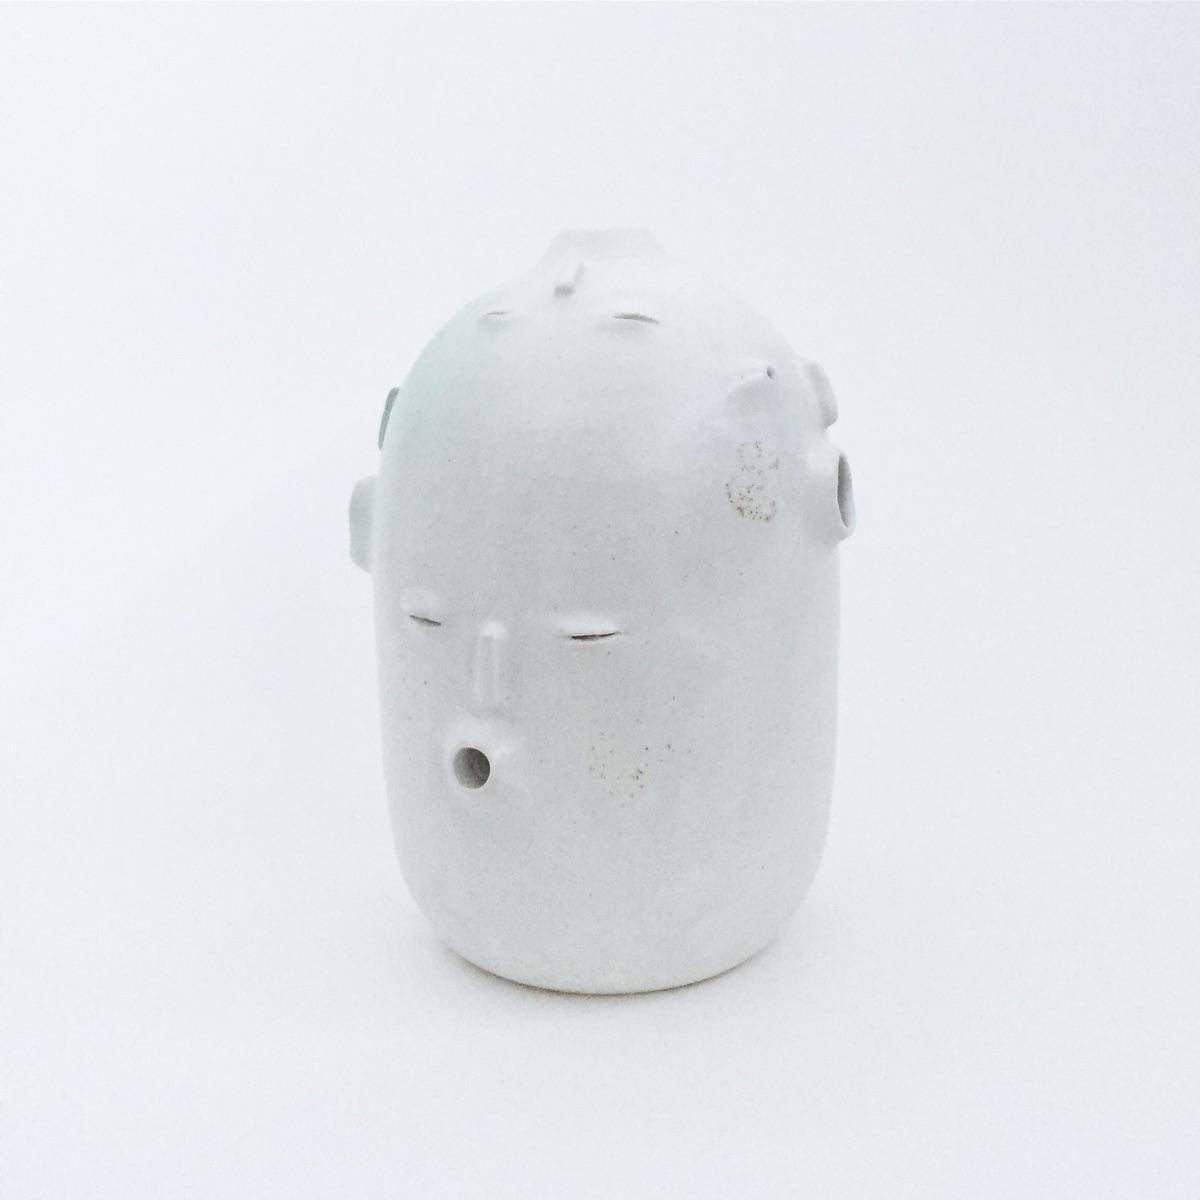 Face Vase 01 - ceramics - gellyvieve | ello